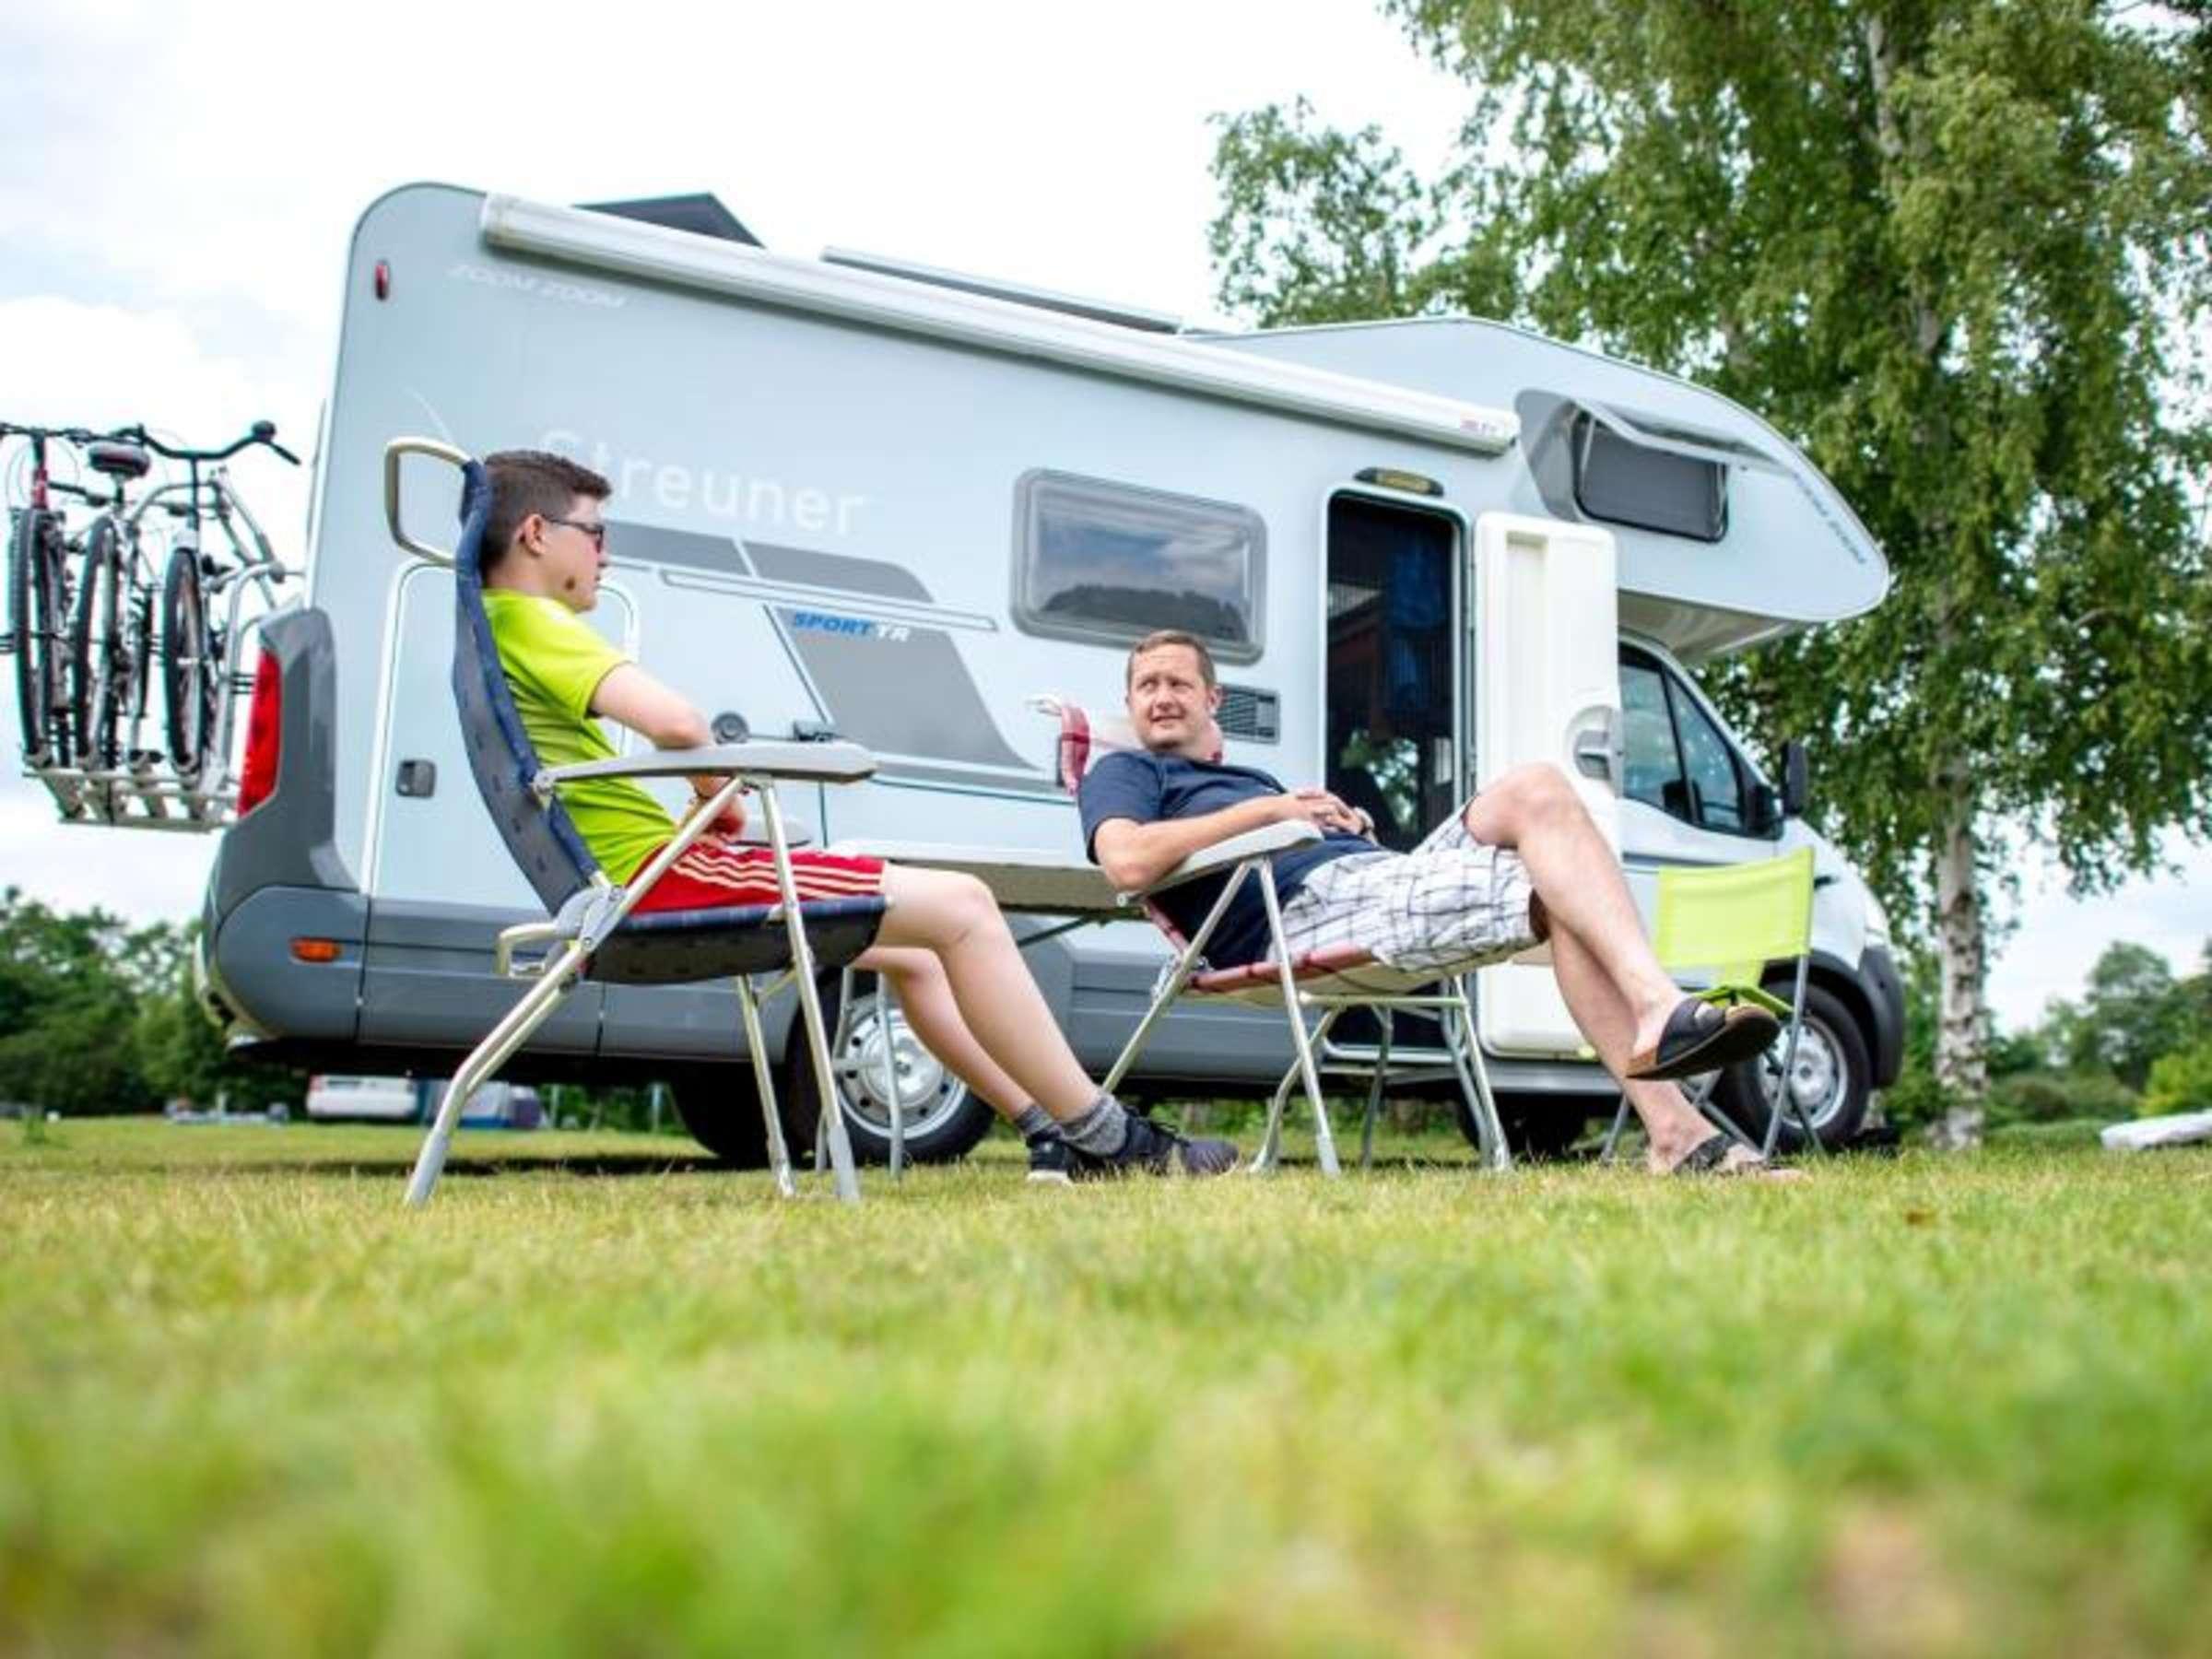 Urlaub im Wohnmobil: So viel kostet die Reise mit dem Camper  Auto